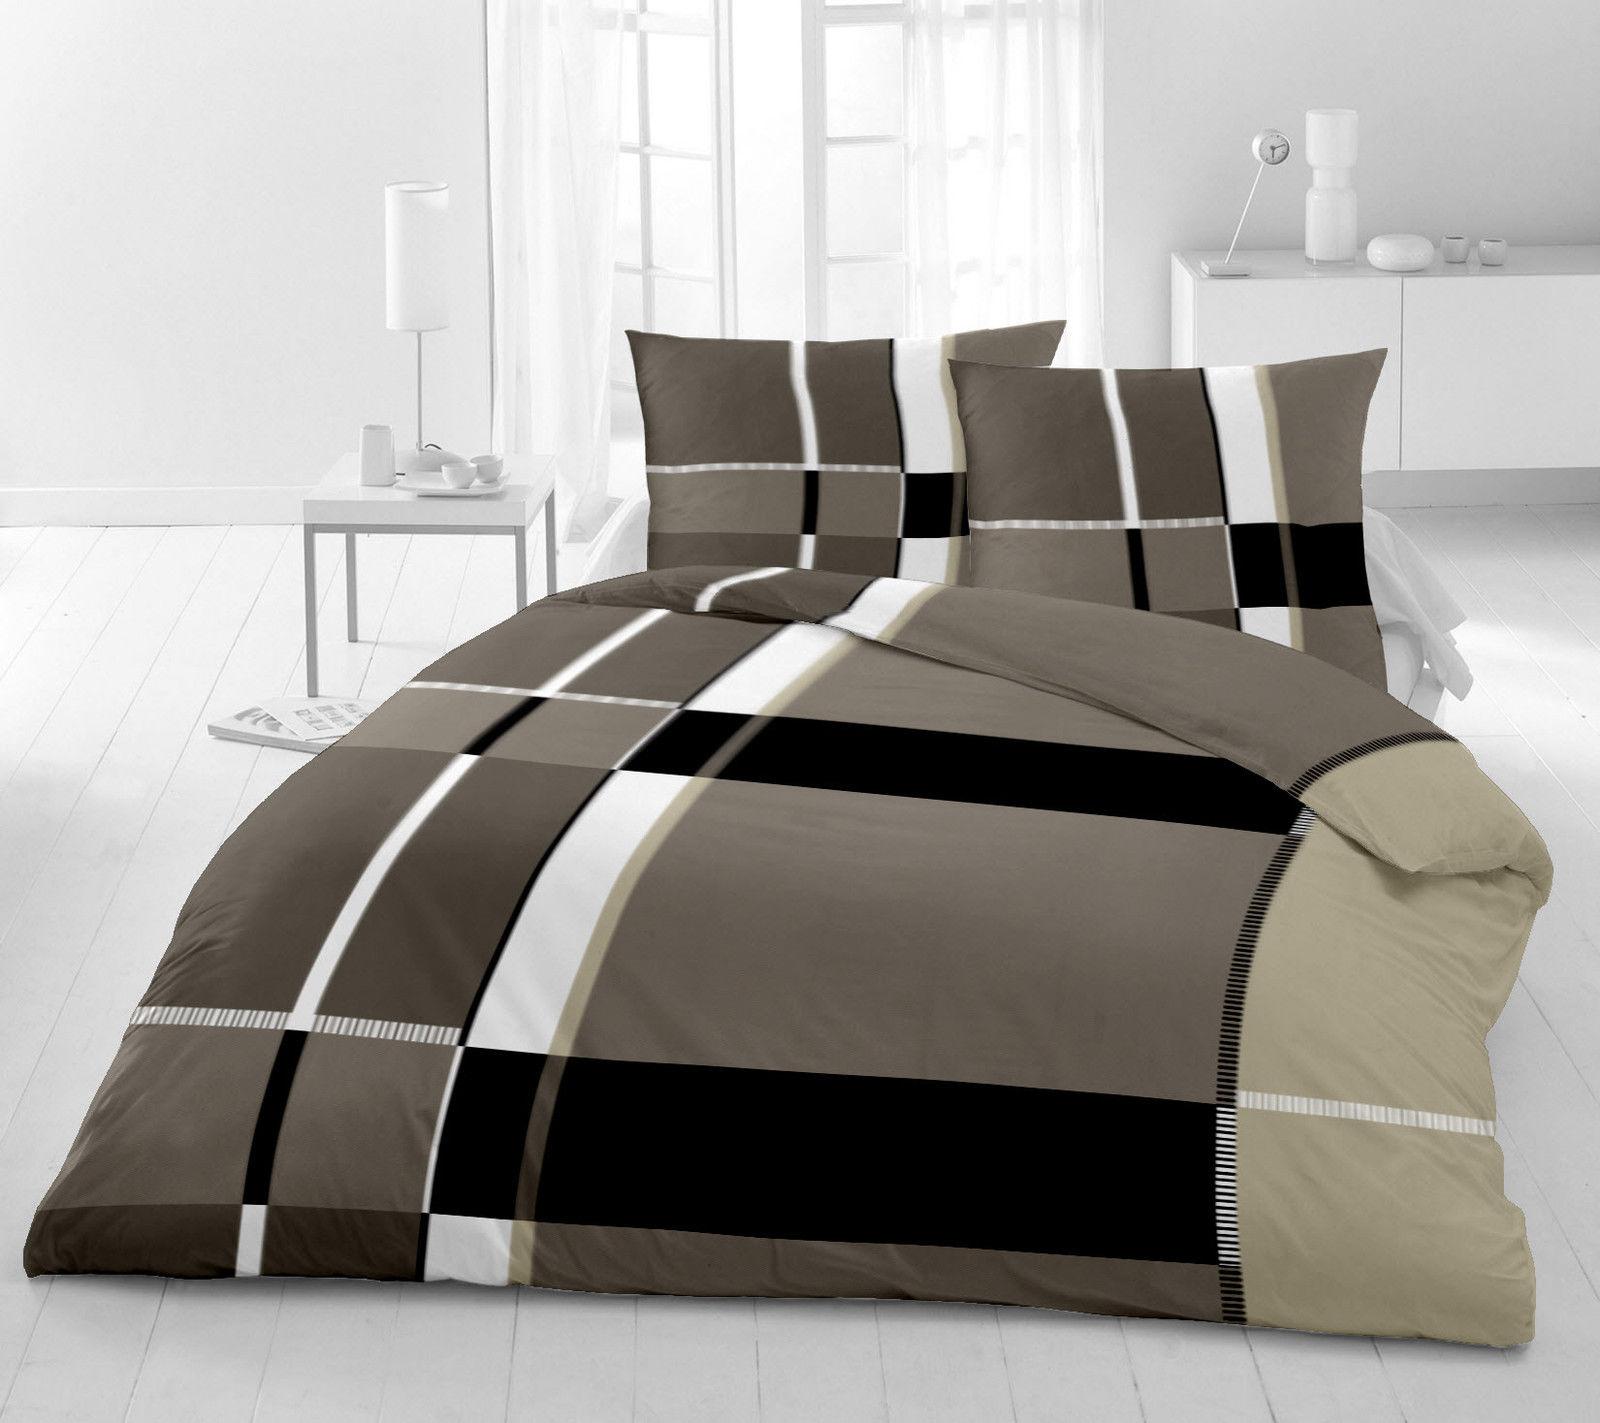 2 x bettw sche 4 tlg microfaser 135x200 cm schwarz weiss grau braun sand neu ebay. Black Bedroom Furniture Sets. Home Design Ideas